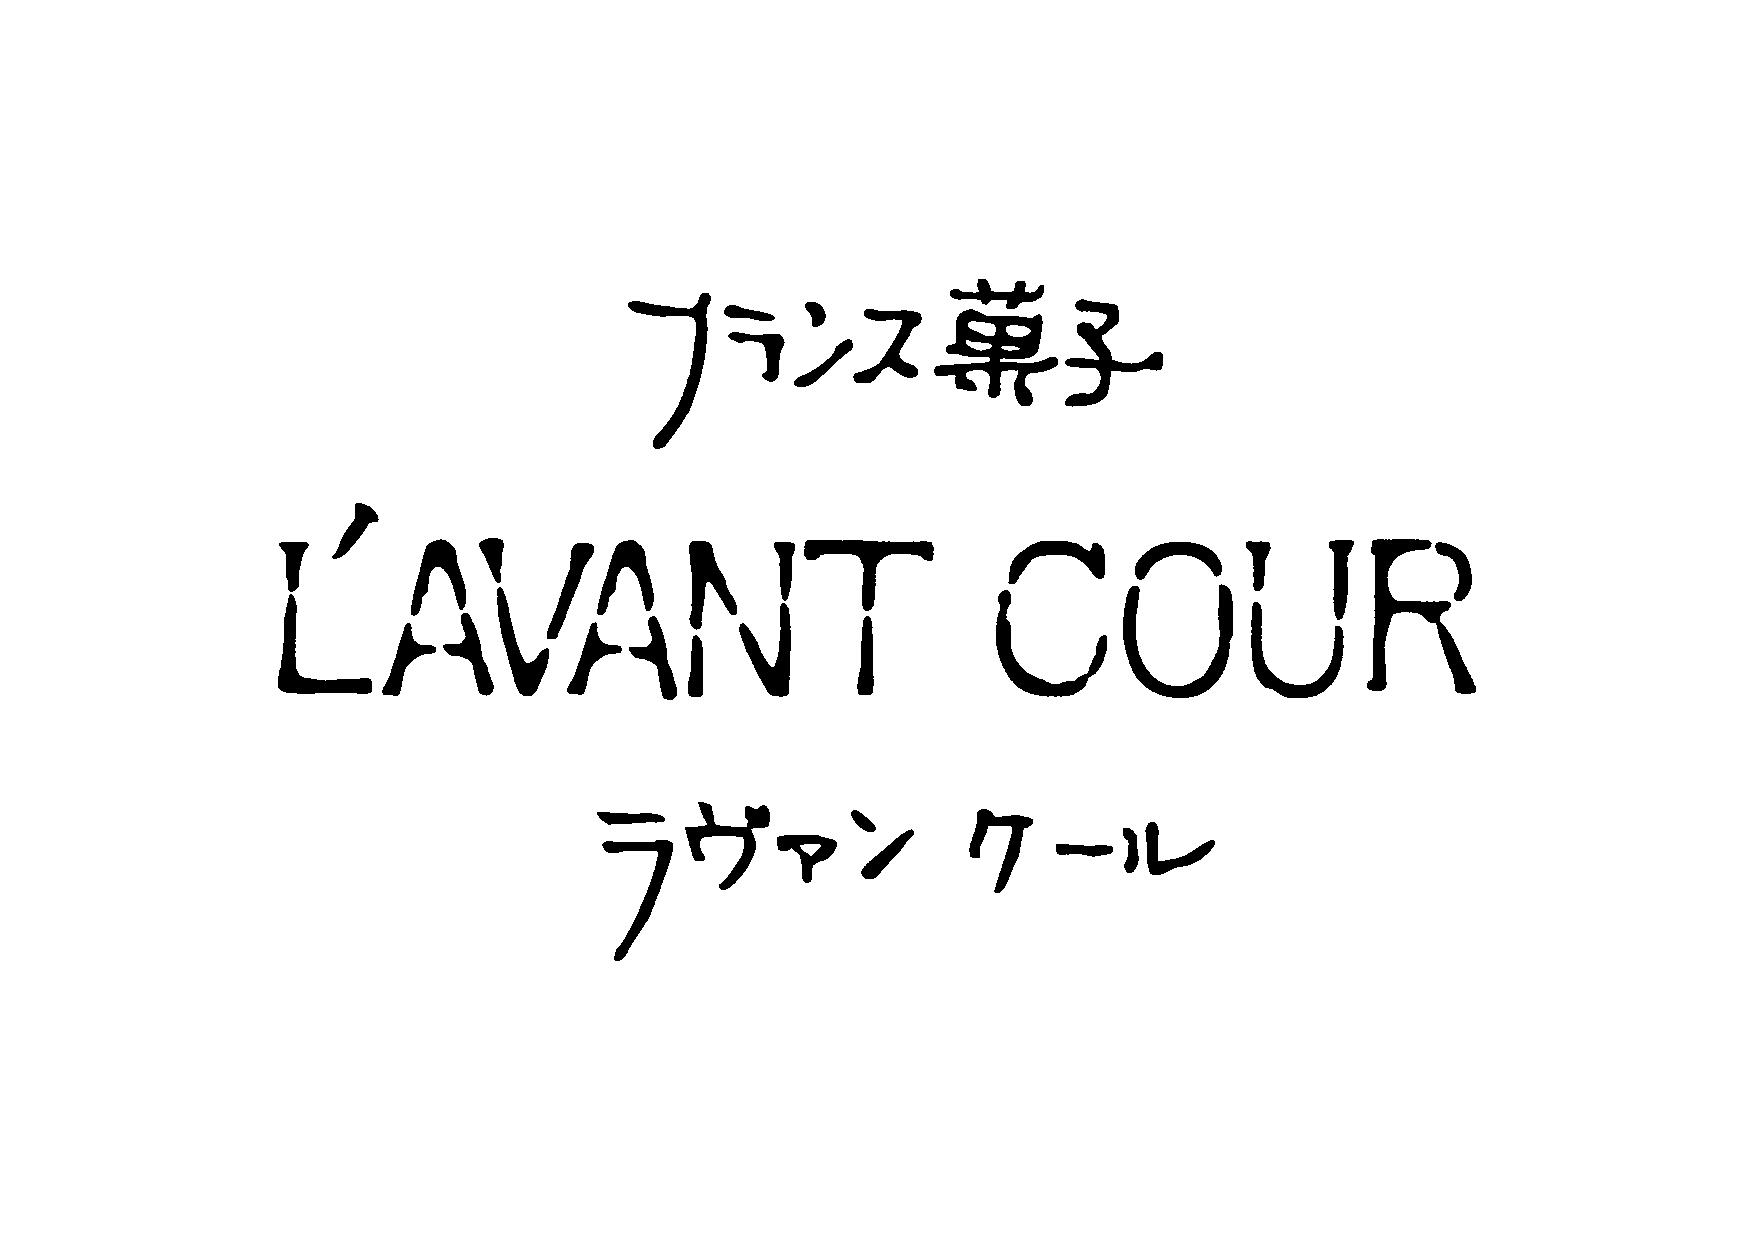 ラヴァンクール_ロゴ_黒